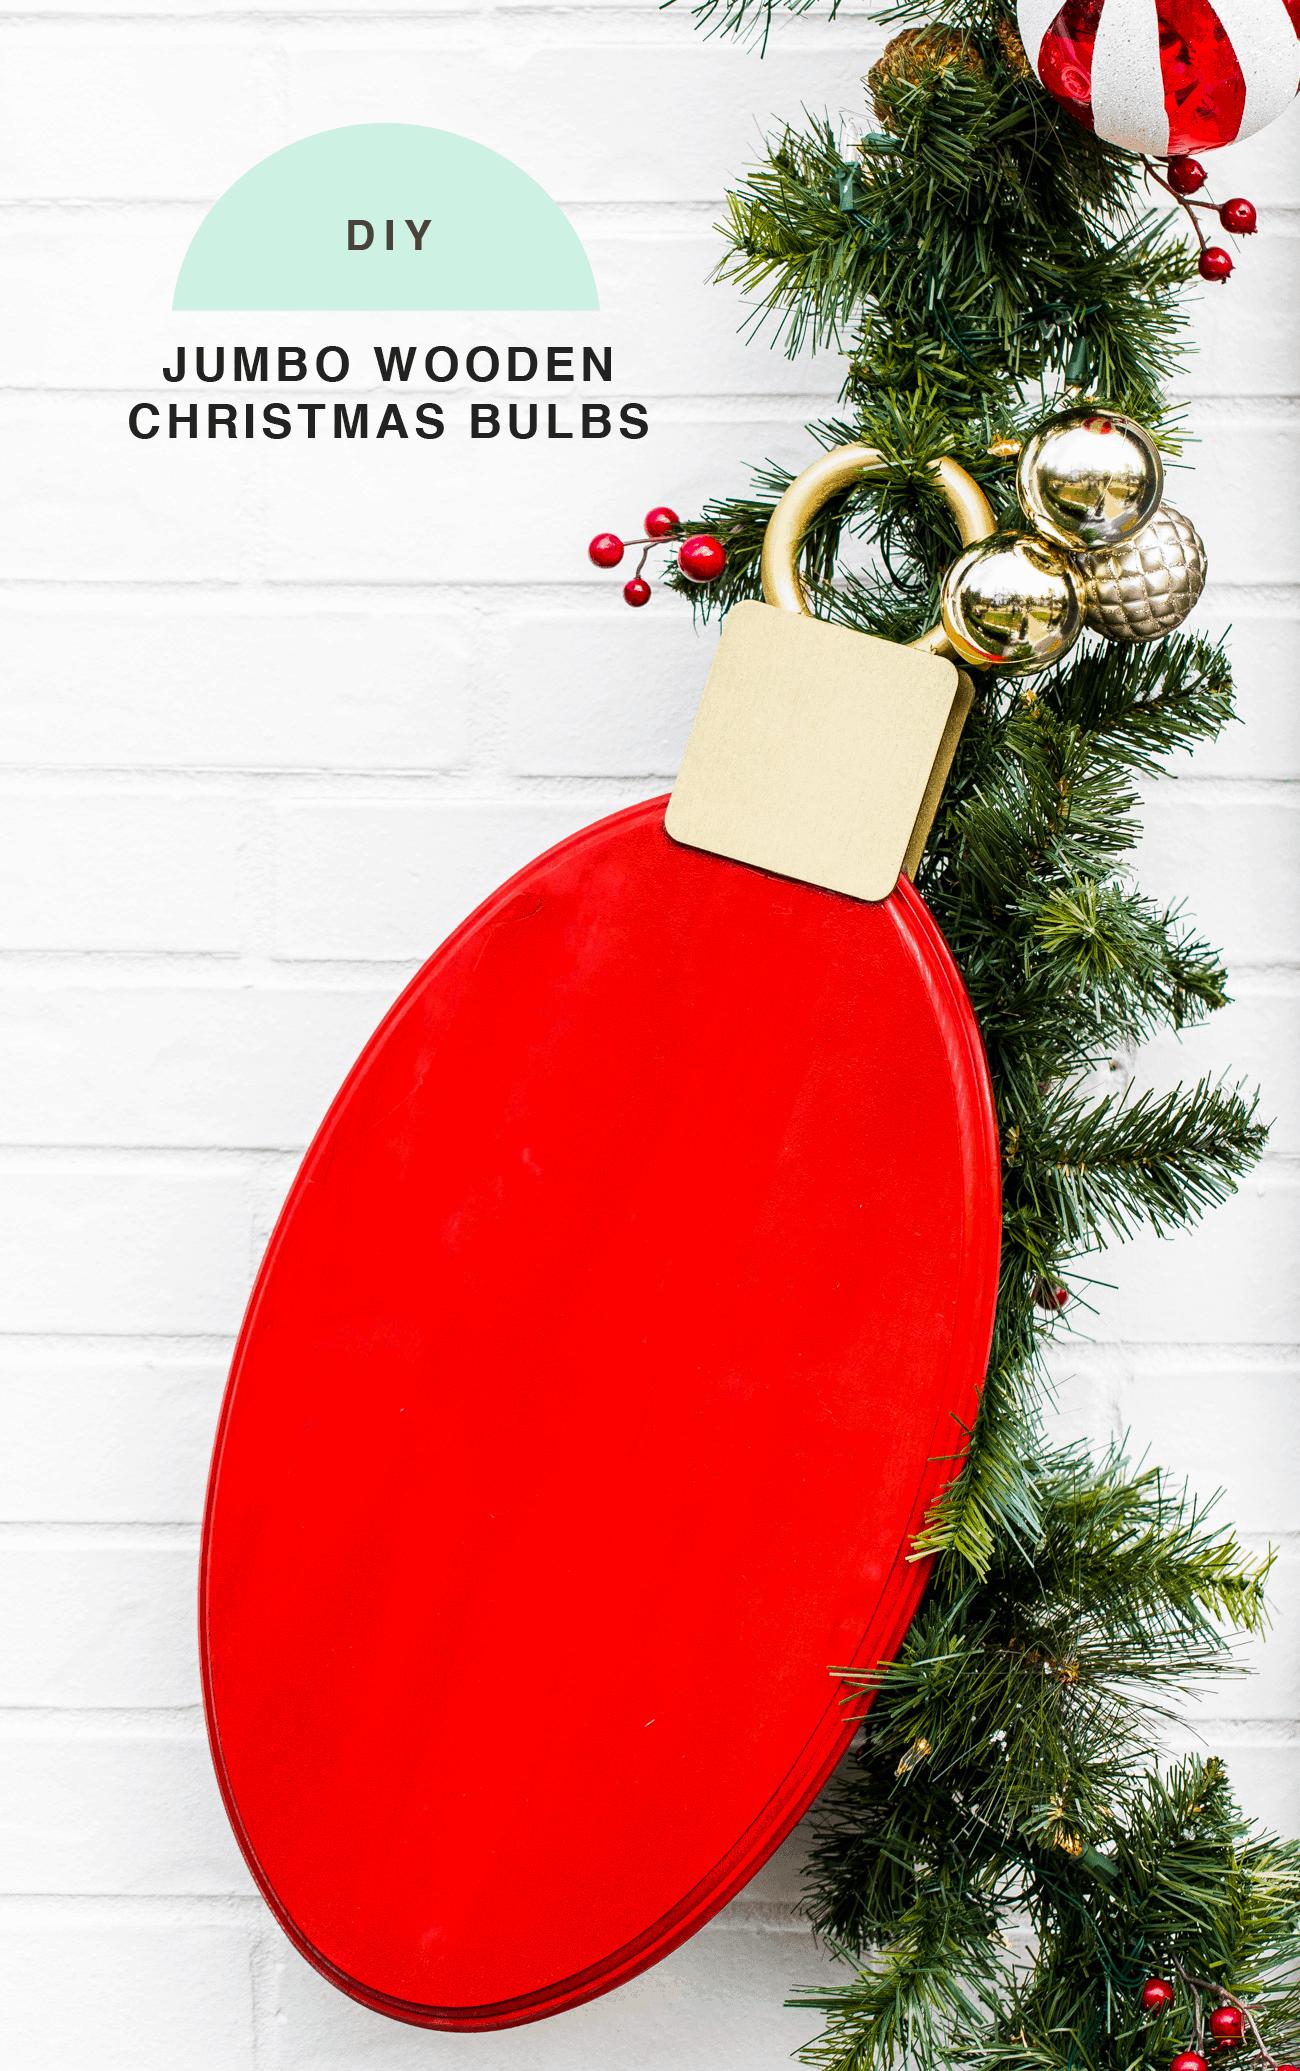 Outdoor Christmas Door Decorations Diy Wood Lights Christmas Garland In 2020 Christmas Door Decorations Christmas Decor Diy Outdoor Christmas